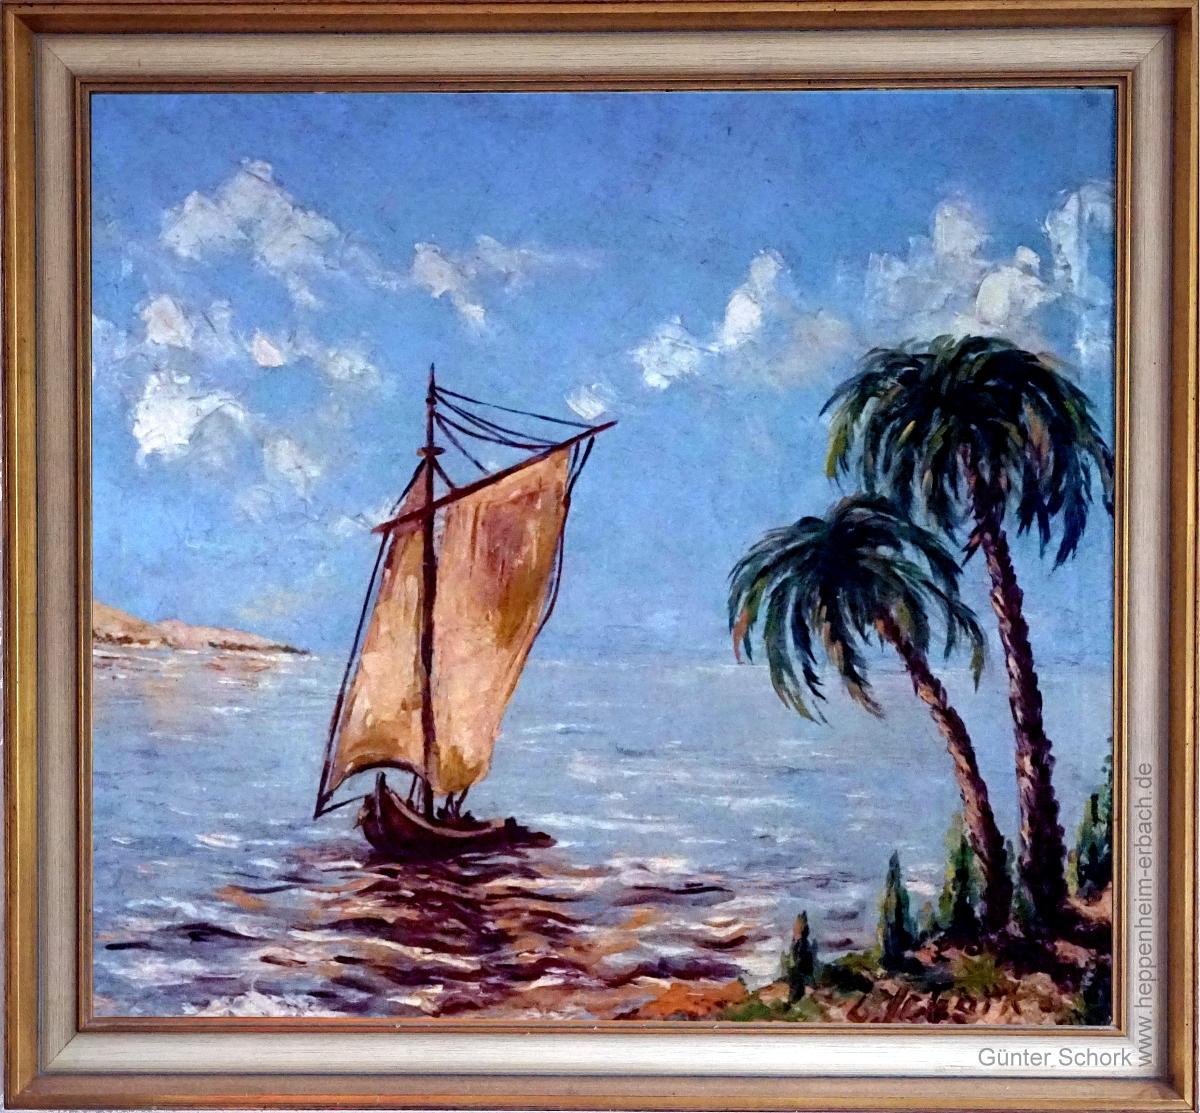 Segelschiff, an der Code d'Azur von Günter Schork